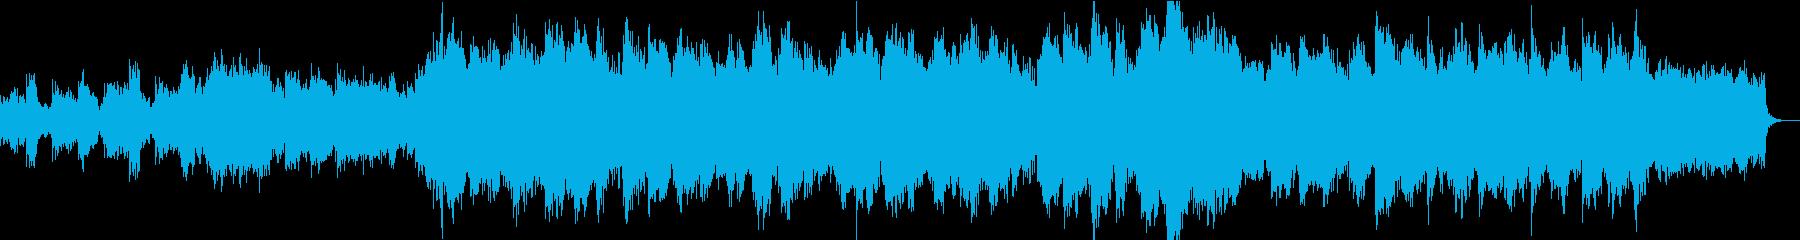 企業VPや映像に感動的オーケストラBGMの再生済みの波形